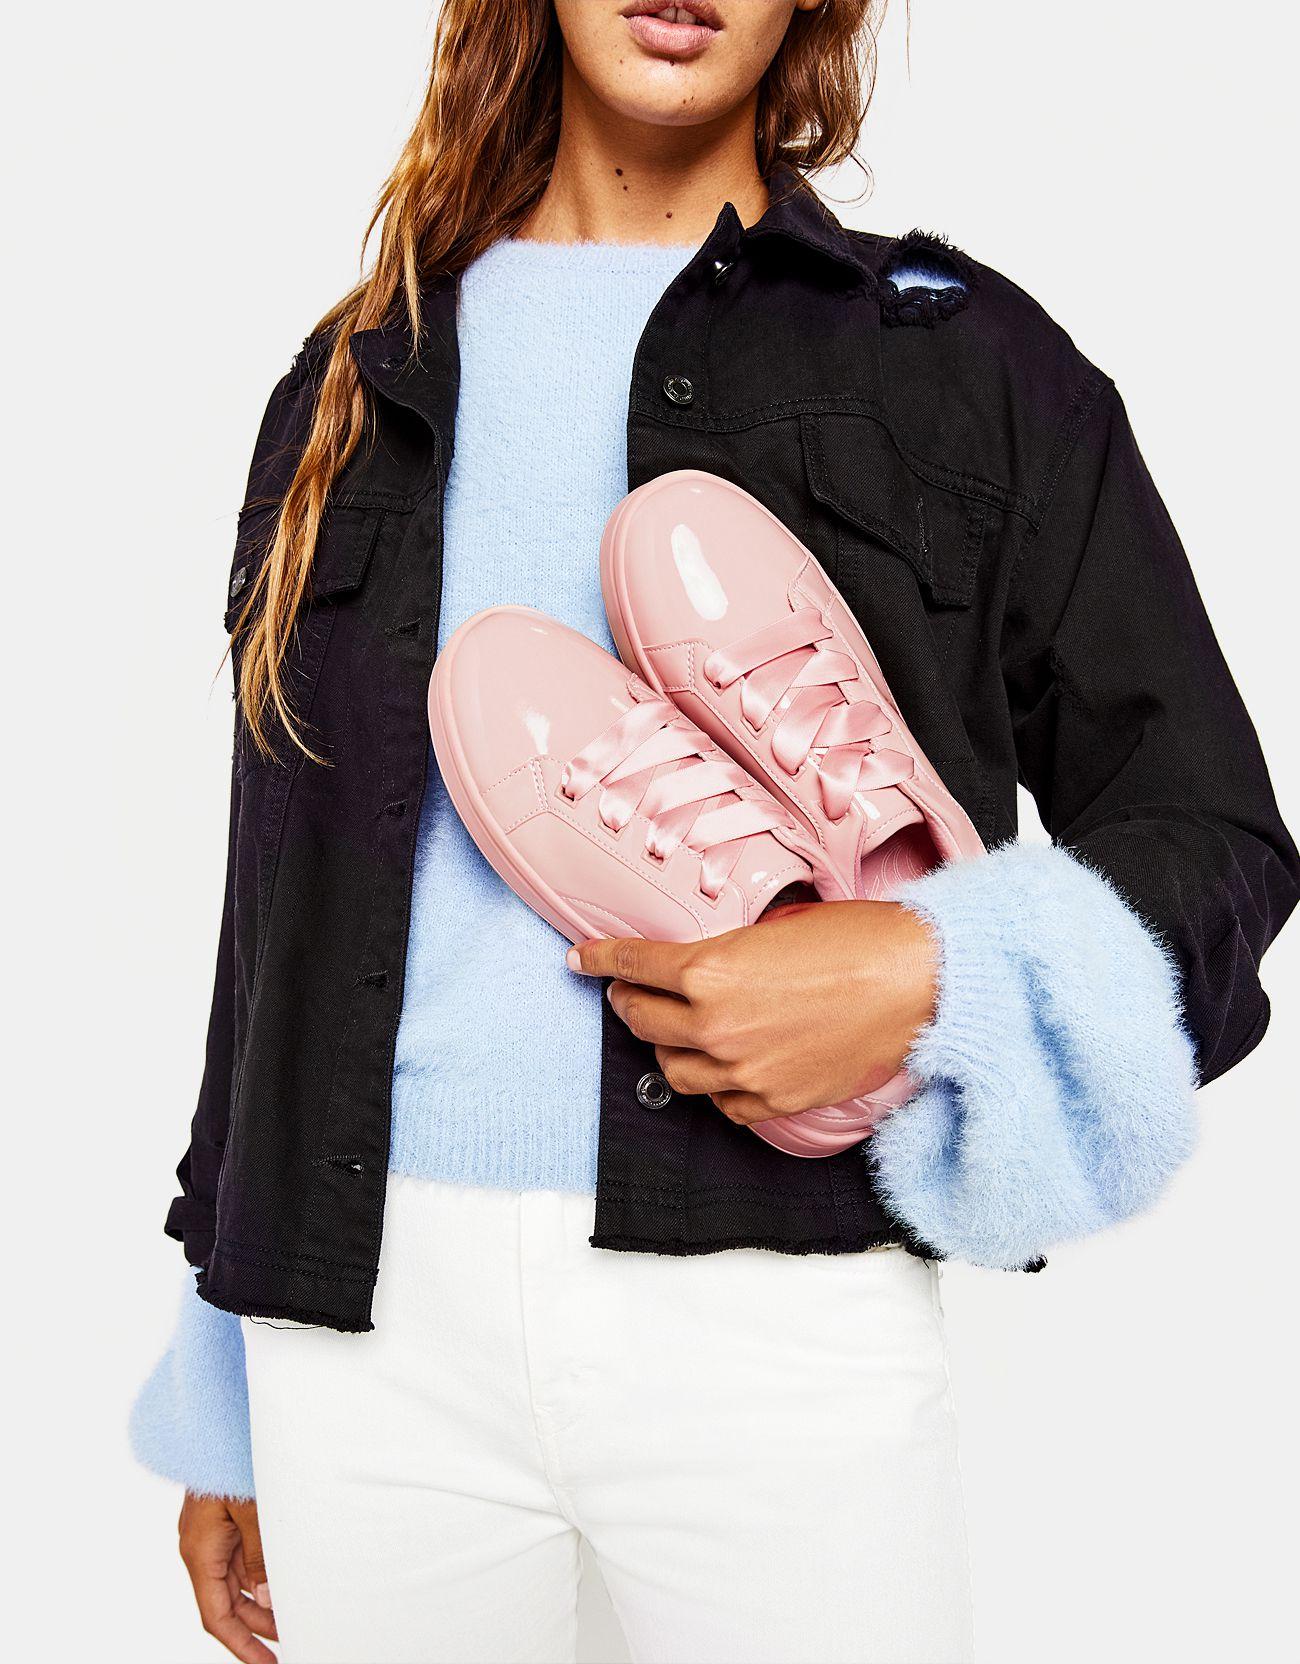 Niste tip za cipele? Provedite jesen u najljepšim tenisicama!